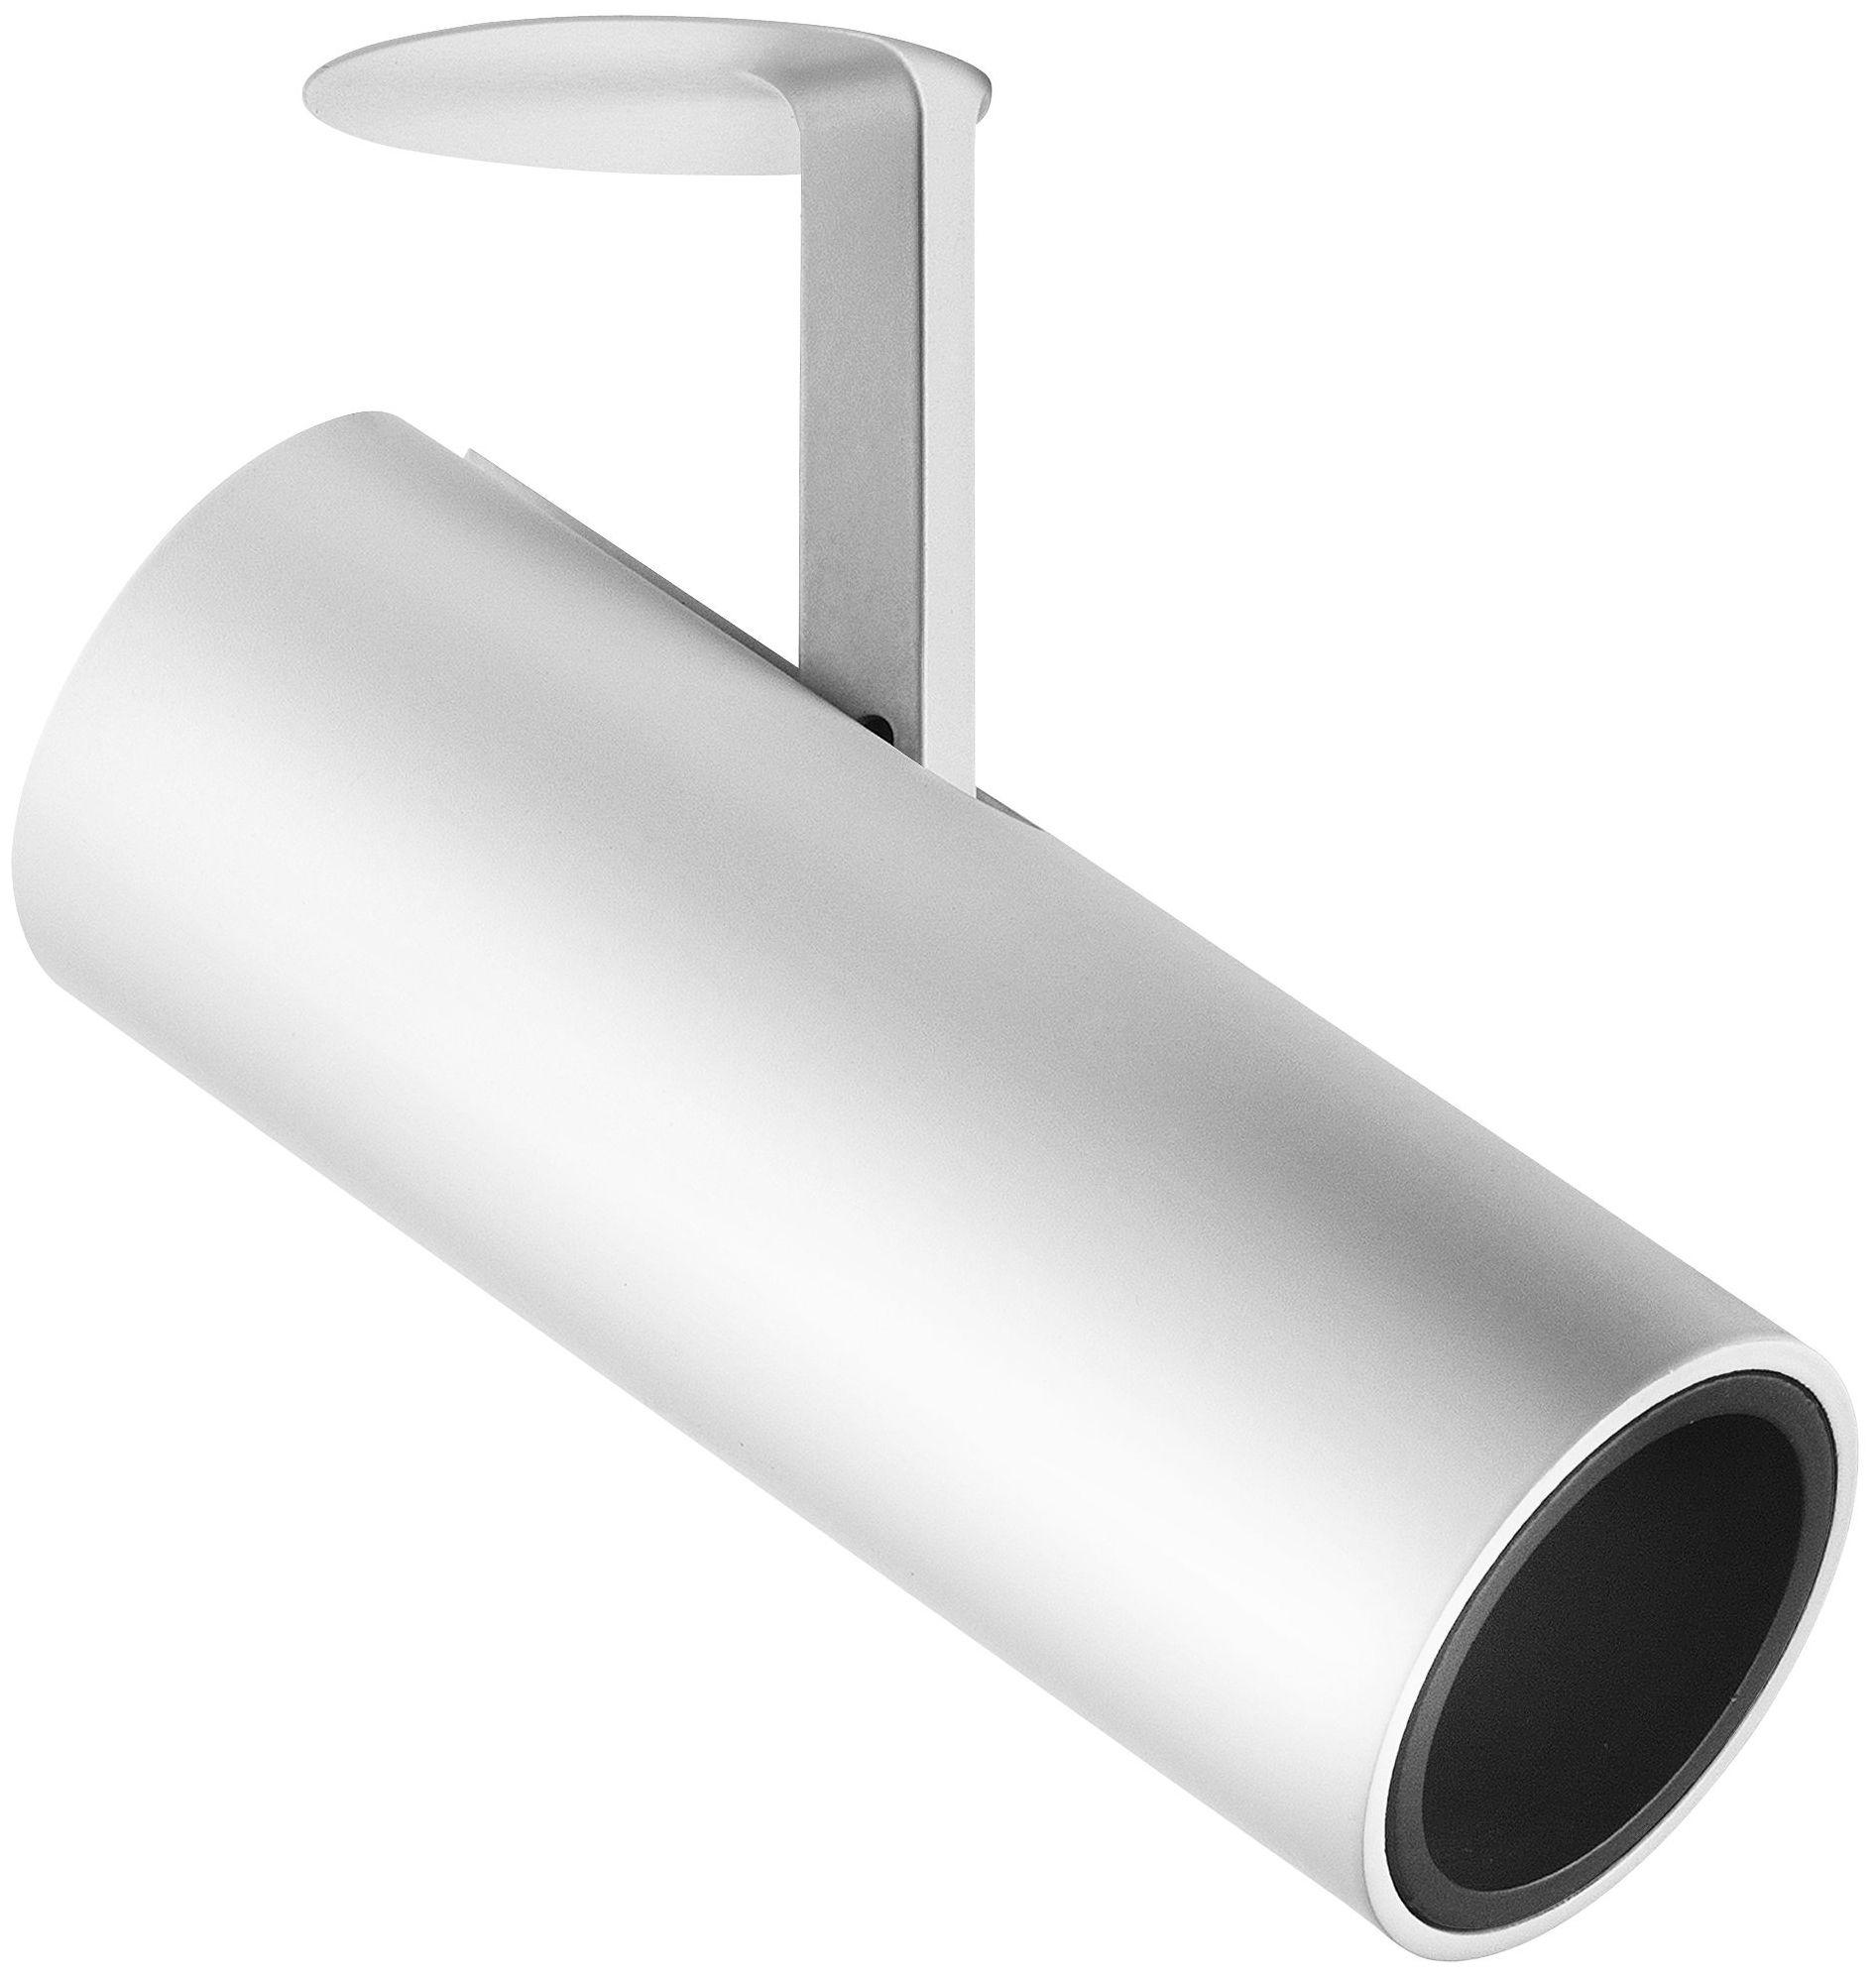 Illuminazione - Plafoniere - Plafoniera incastrata Find Me Monopoint LED - / Spot retrattile e orientabile di Flos -  - Alluminio